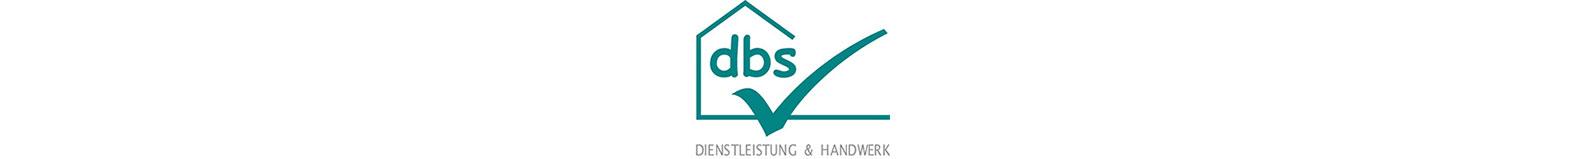 dbs-Der bessere Service Logo